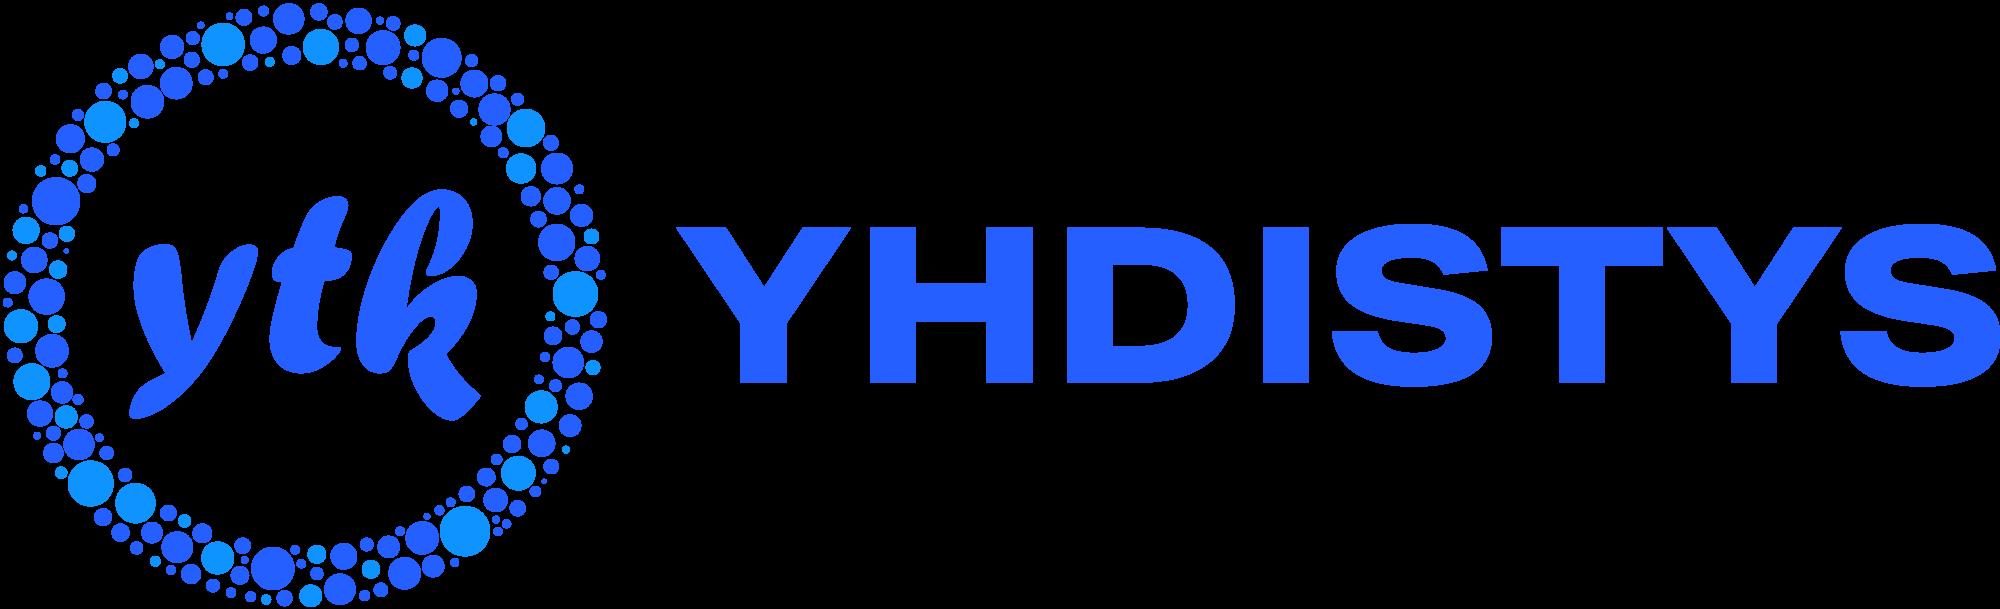 YTK-yhdistys_logo-2_RGB